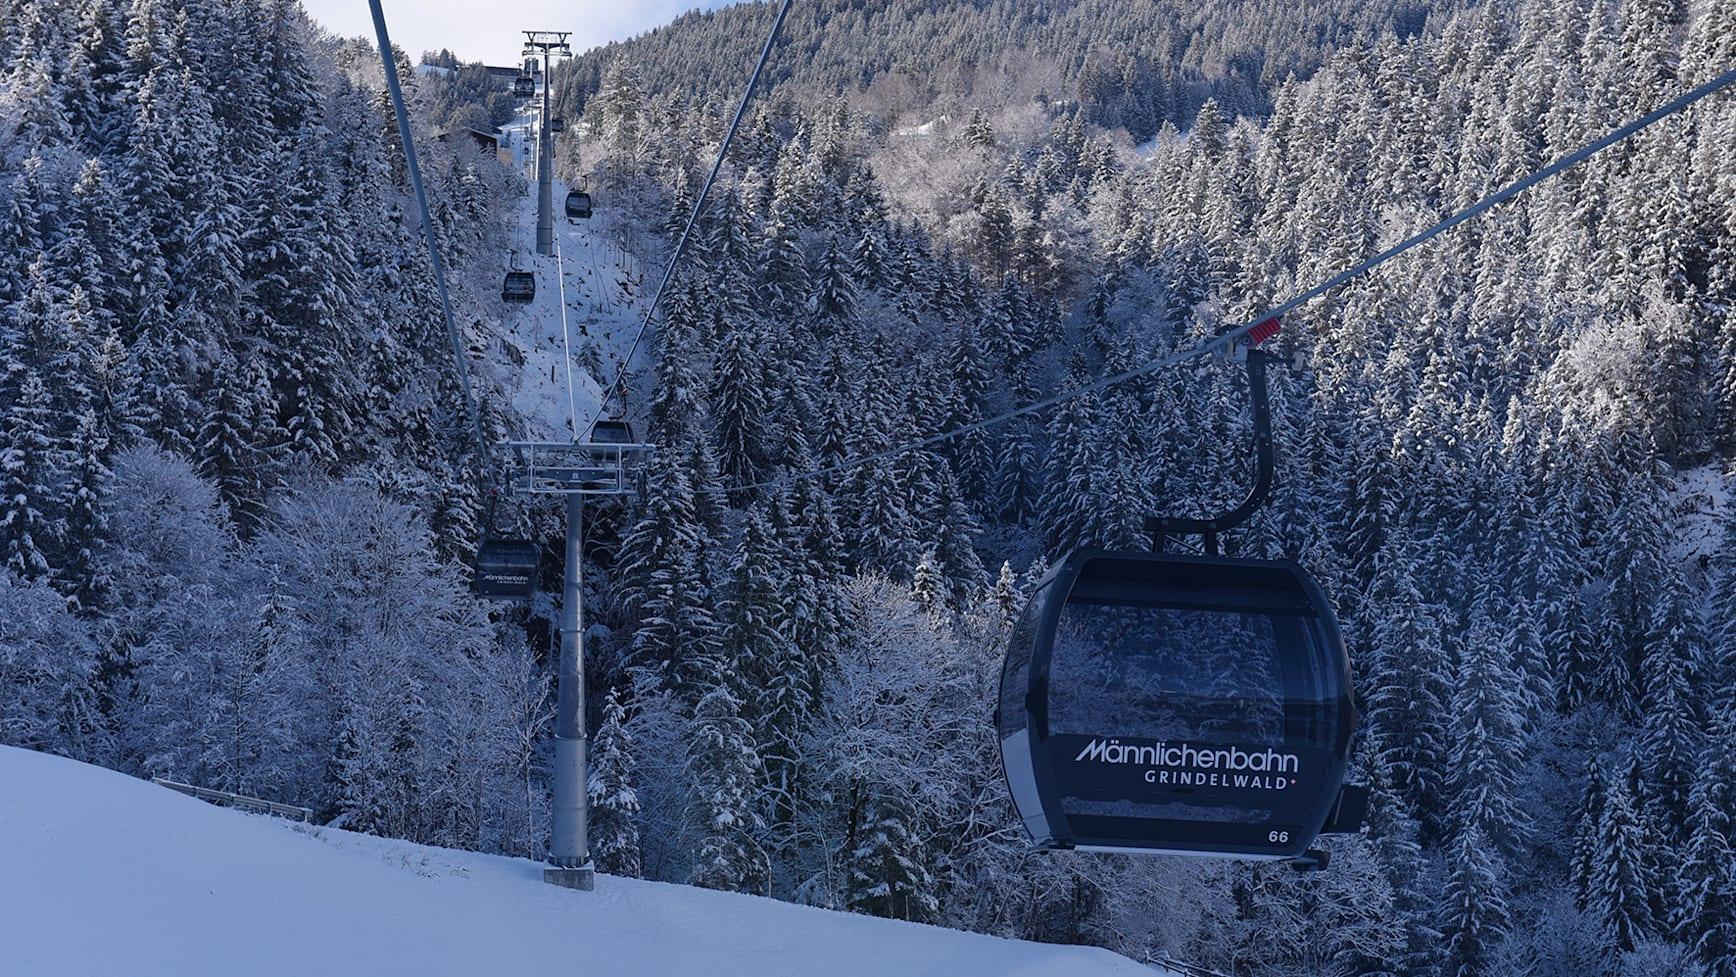 V Bahn GGM Gondelbahn Grindelwald Maennlichen